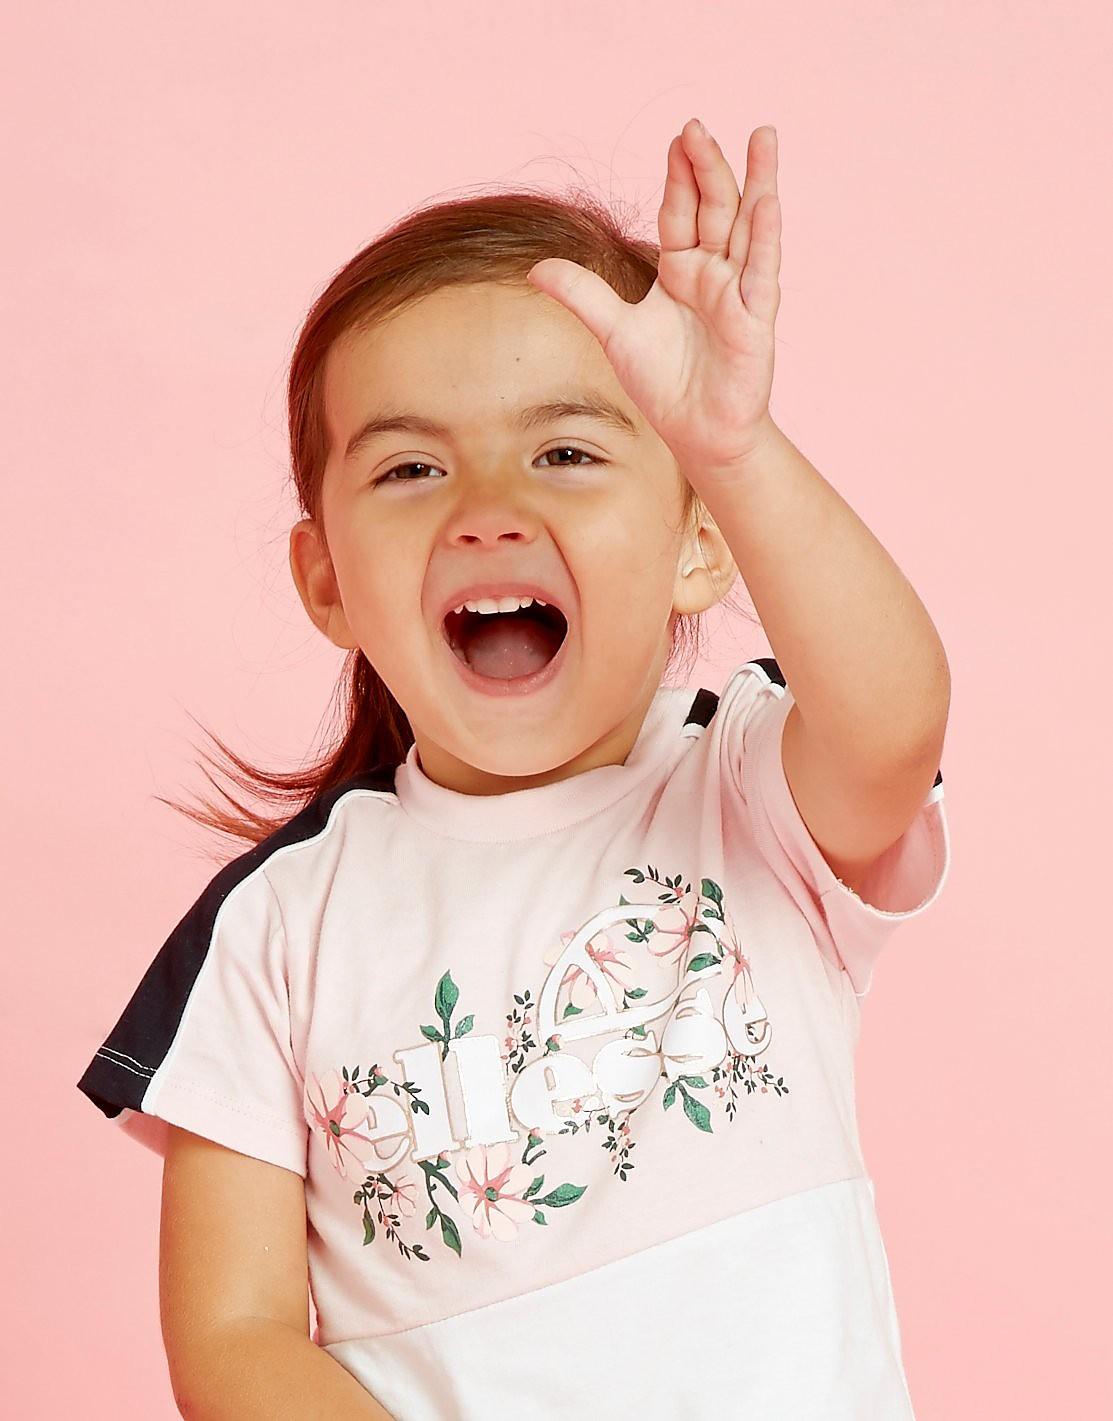 Ellesse Girls' Dahlia T-Shirt Baby's - alleen bij JD - Roze - Kind